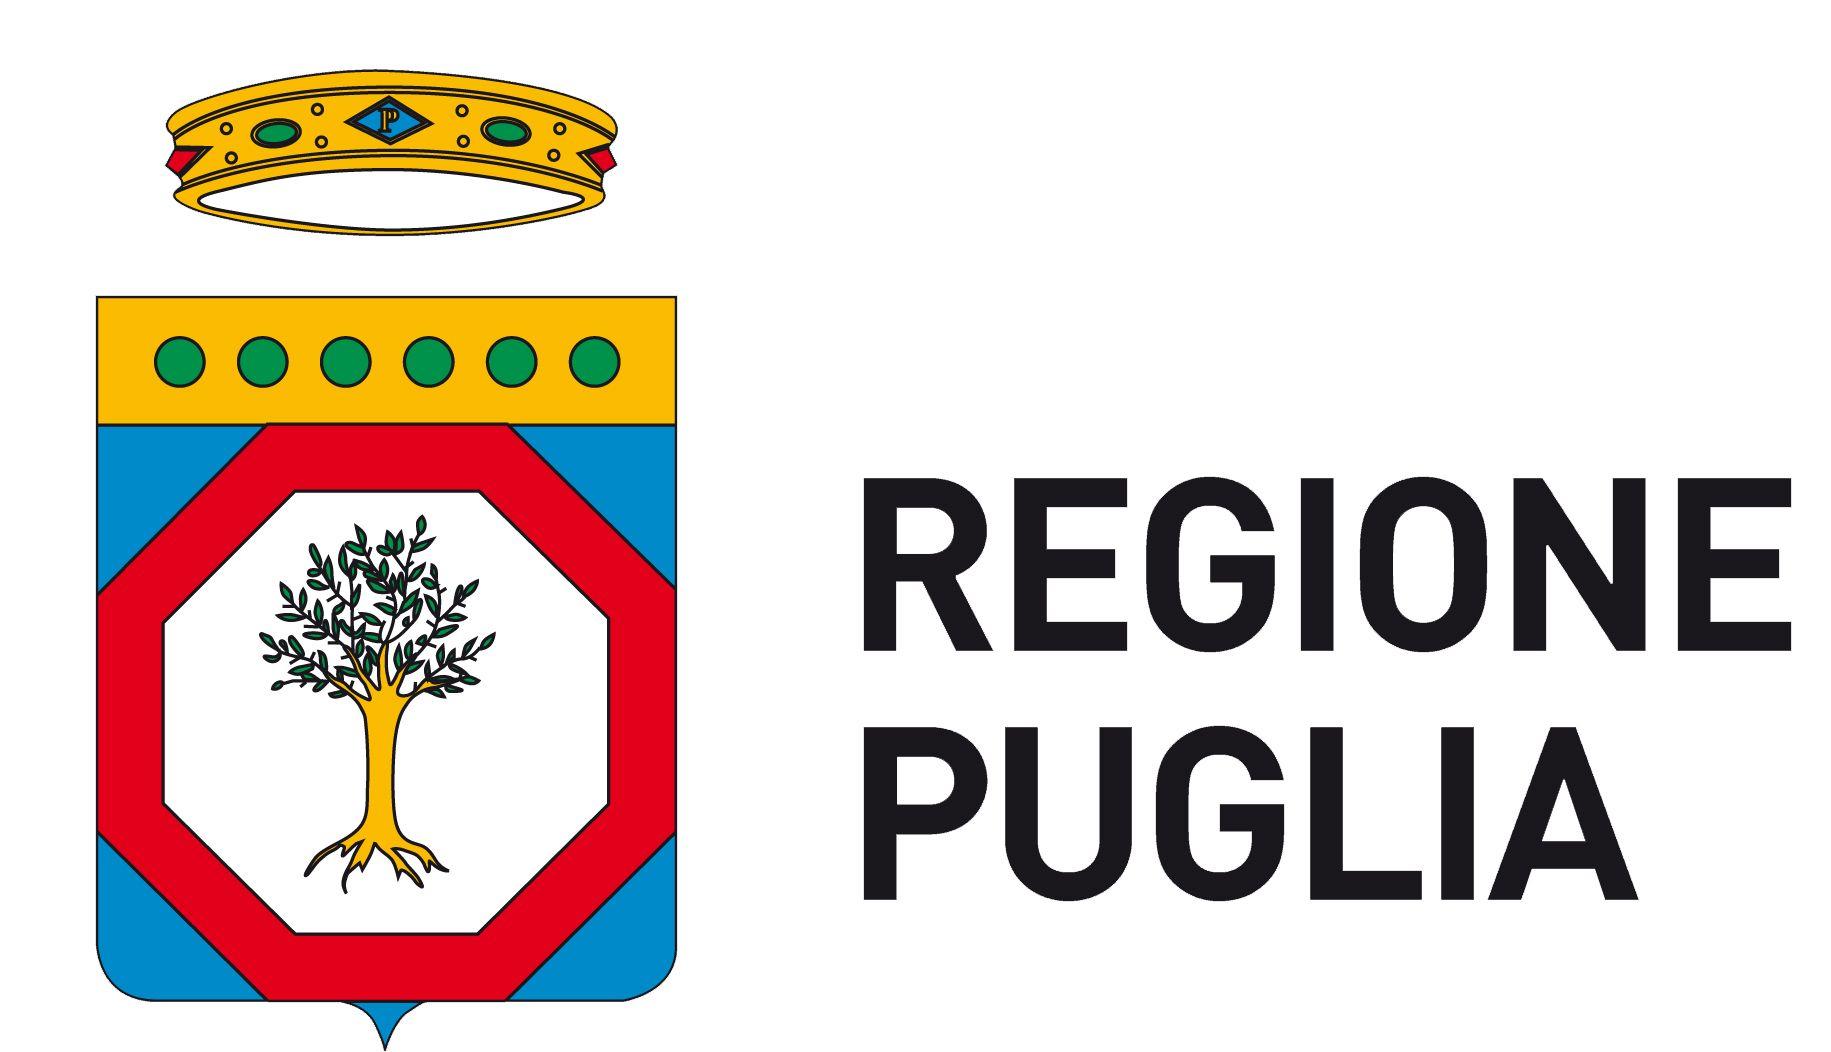 CORONAVIRUS, DISPOSIZIONE REGIONE PUGLIA: OBBLIGO DI COMUNICAZIONE SOGGIORNO IN PUGLIA PER PROVENIENTI DA PIEMONTE, LOMBARDIA, VENETO E EMILIA